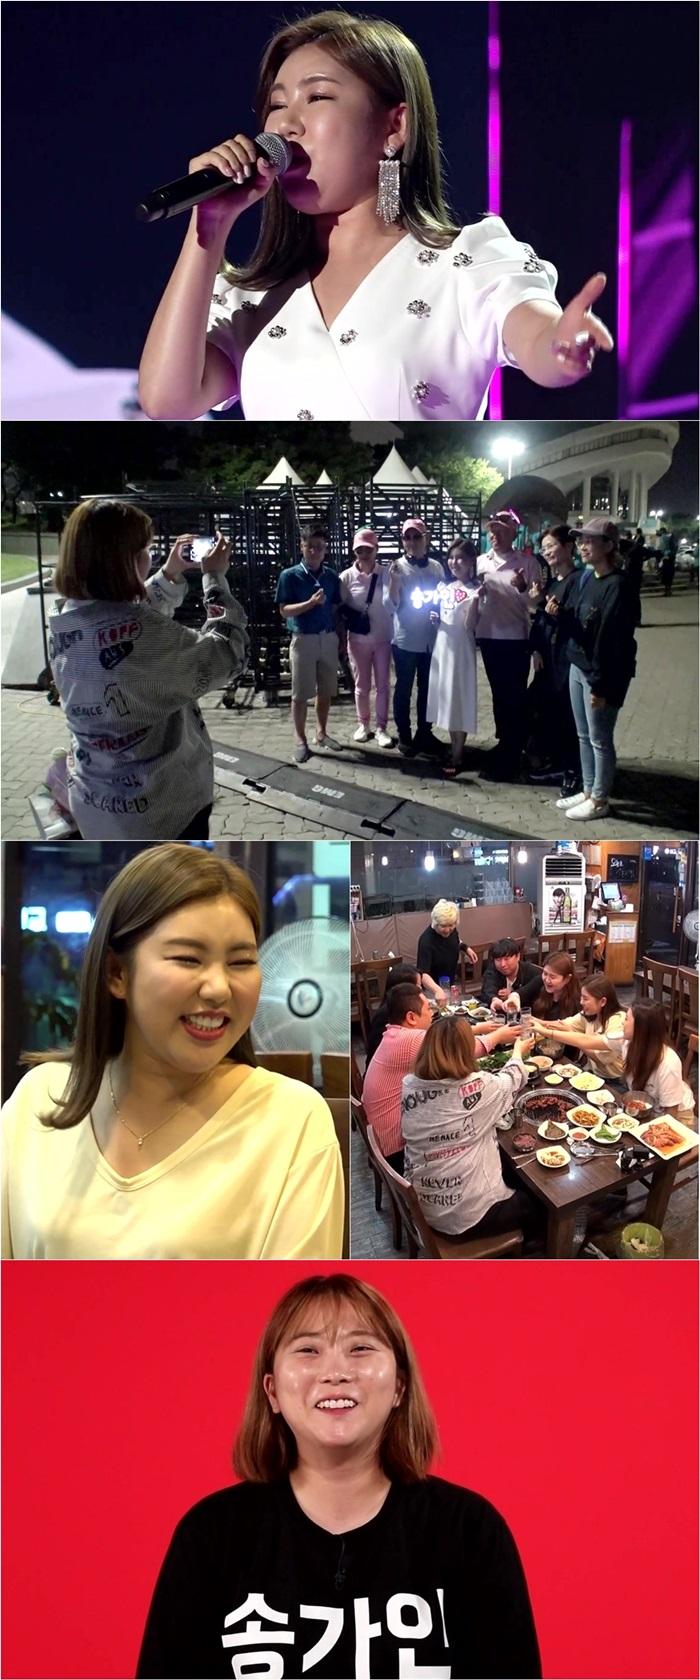 '전참시' 송가인, '1일' 된 매니저와 일상 공개…친자매 케미 예고